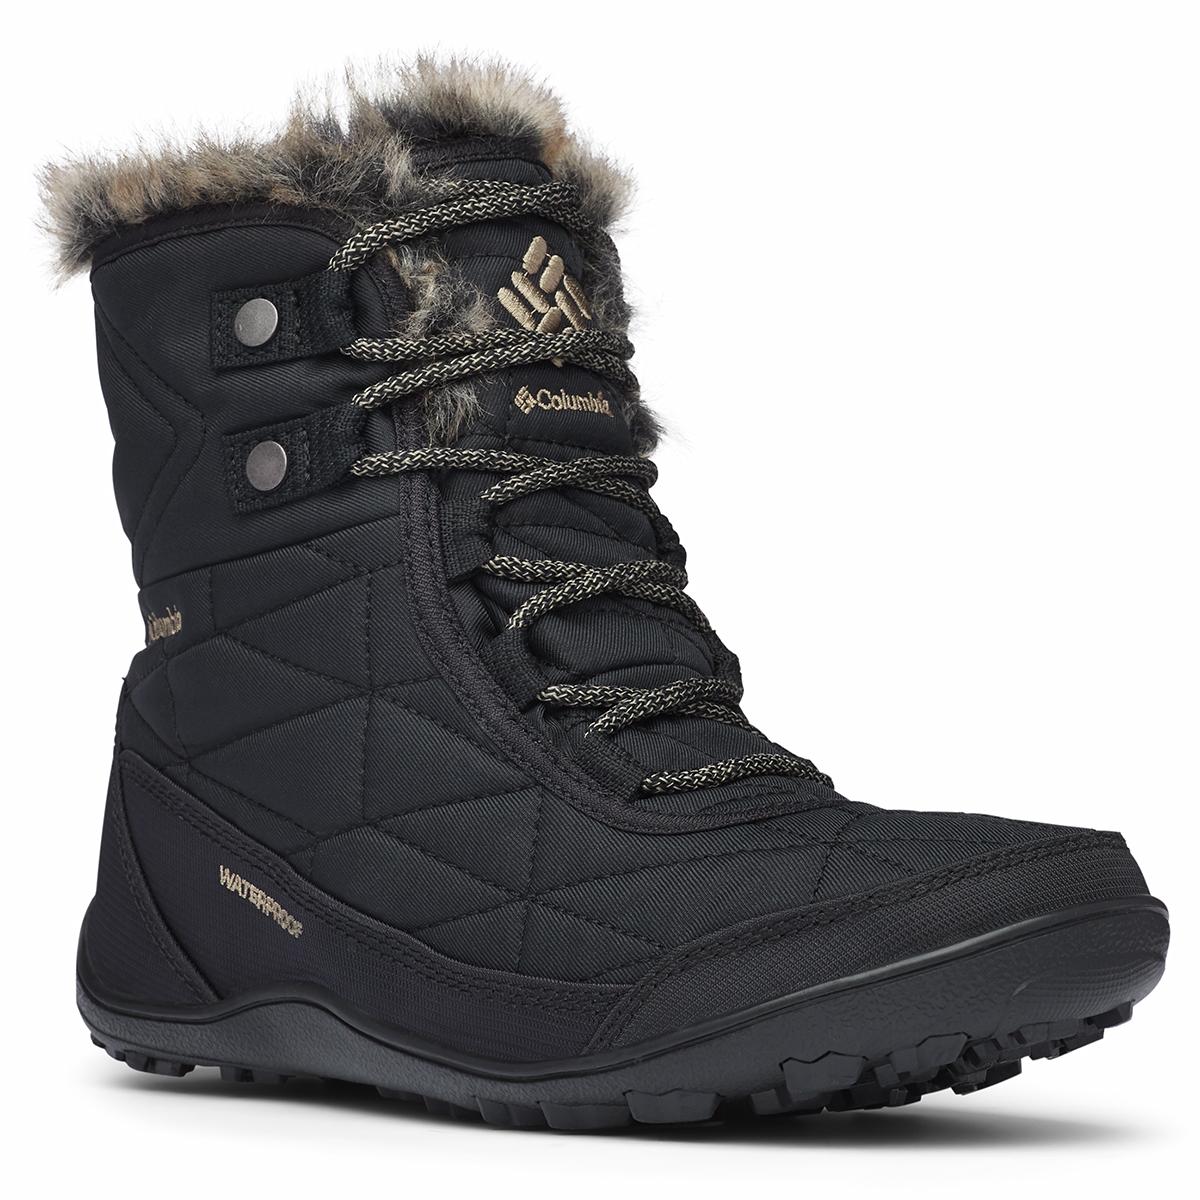 Columbia Women's Minx Shorty 3 Waterproof Boot - Black, 7